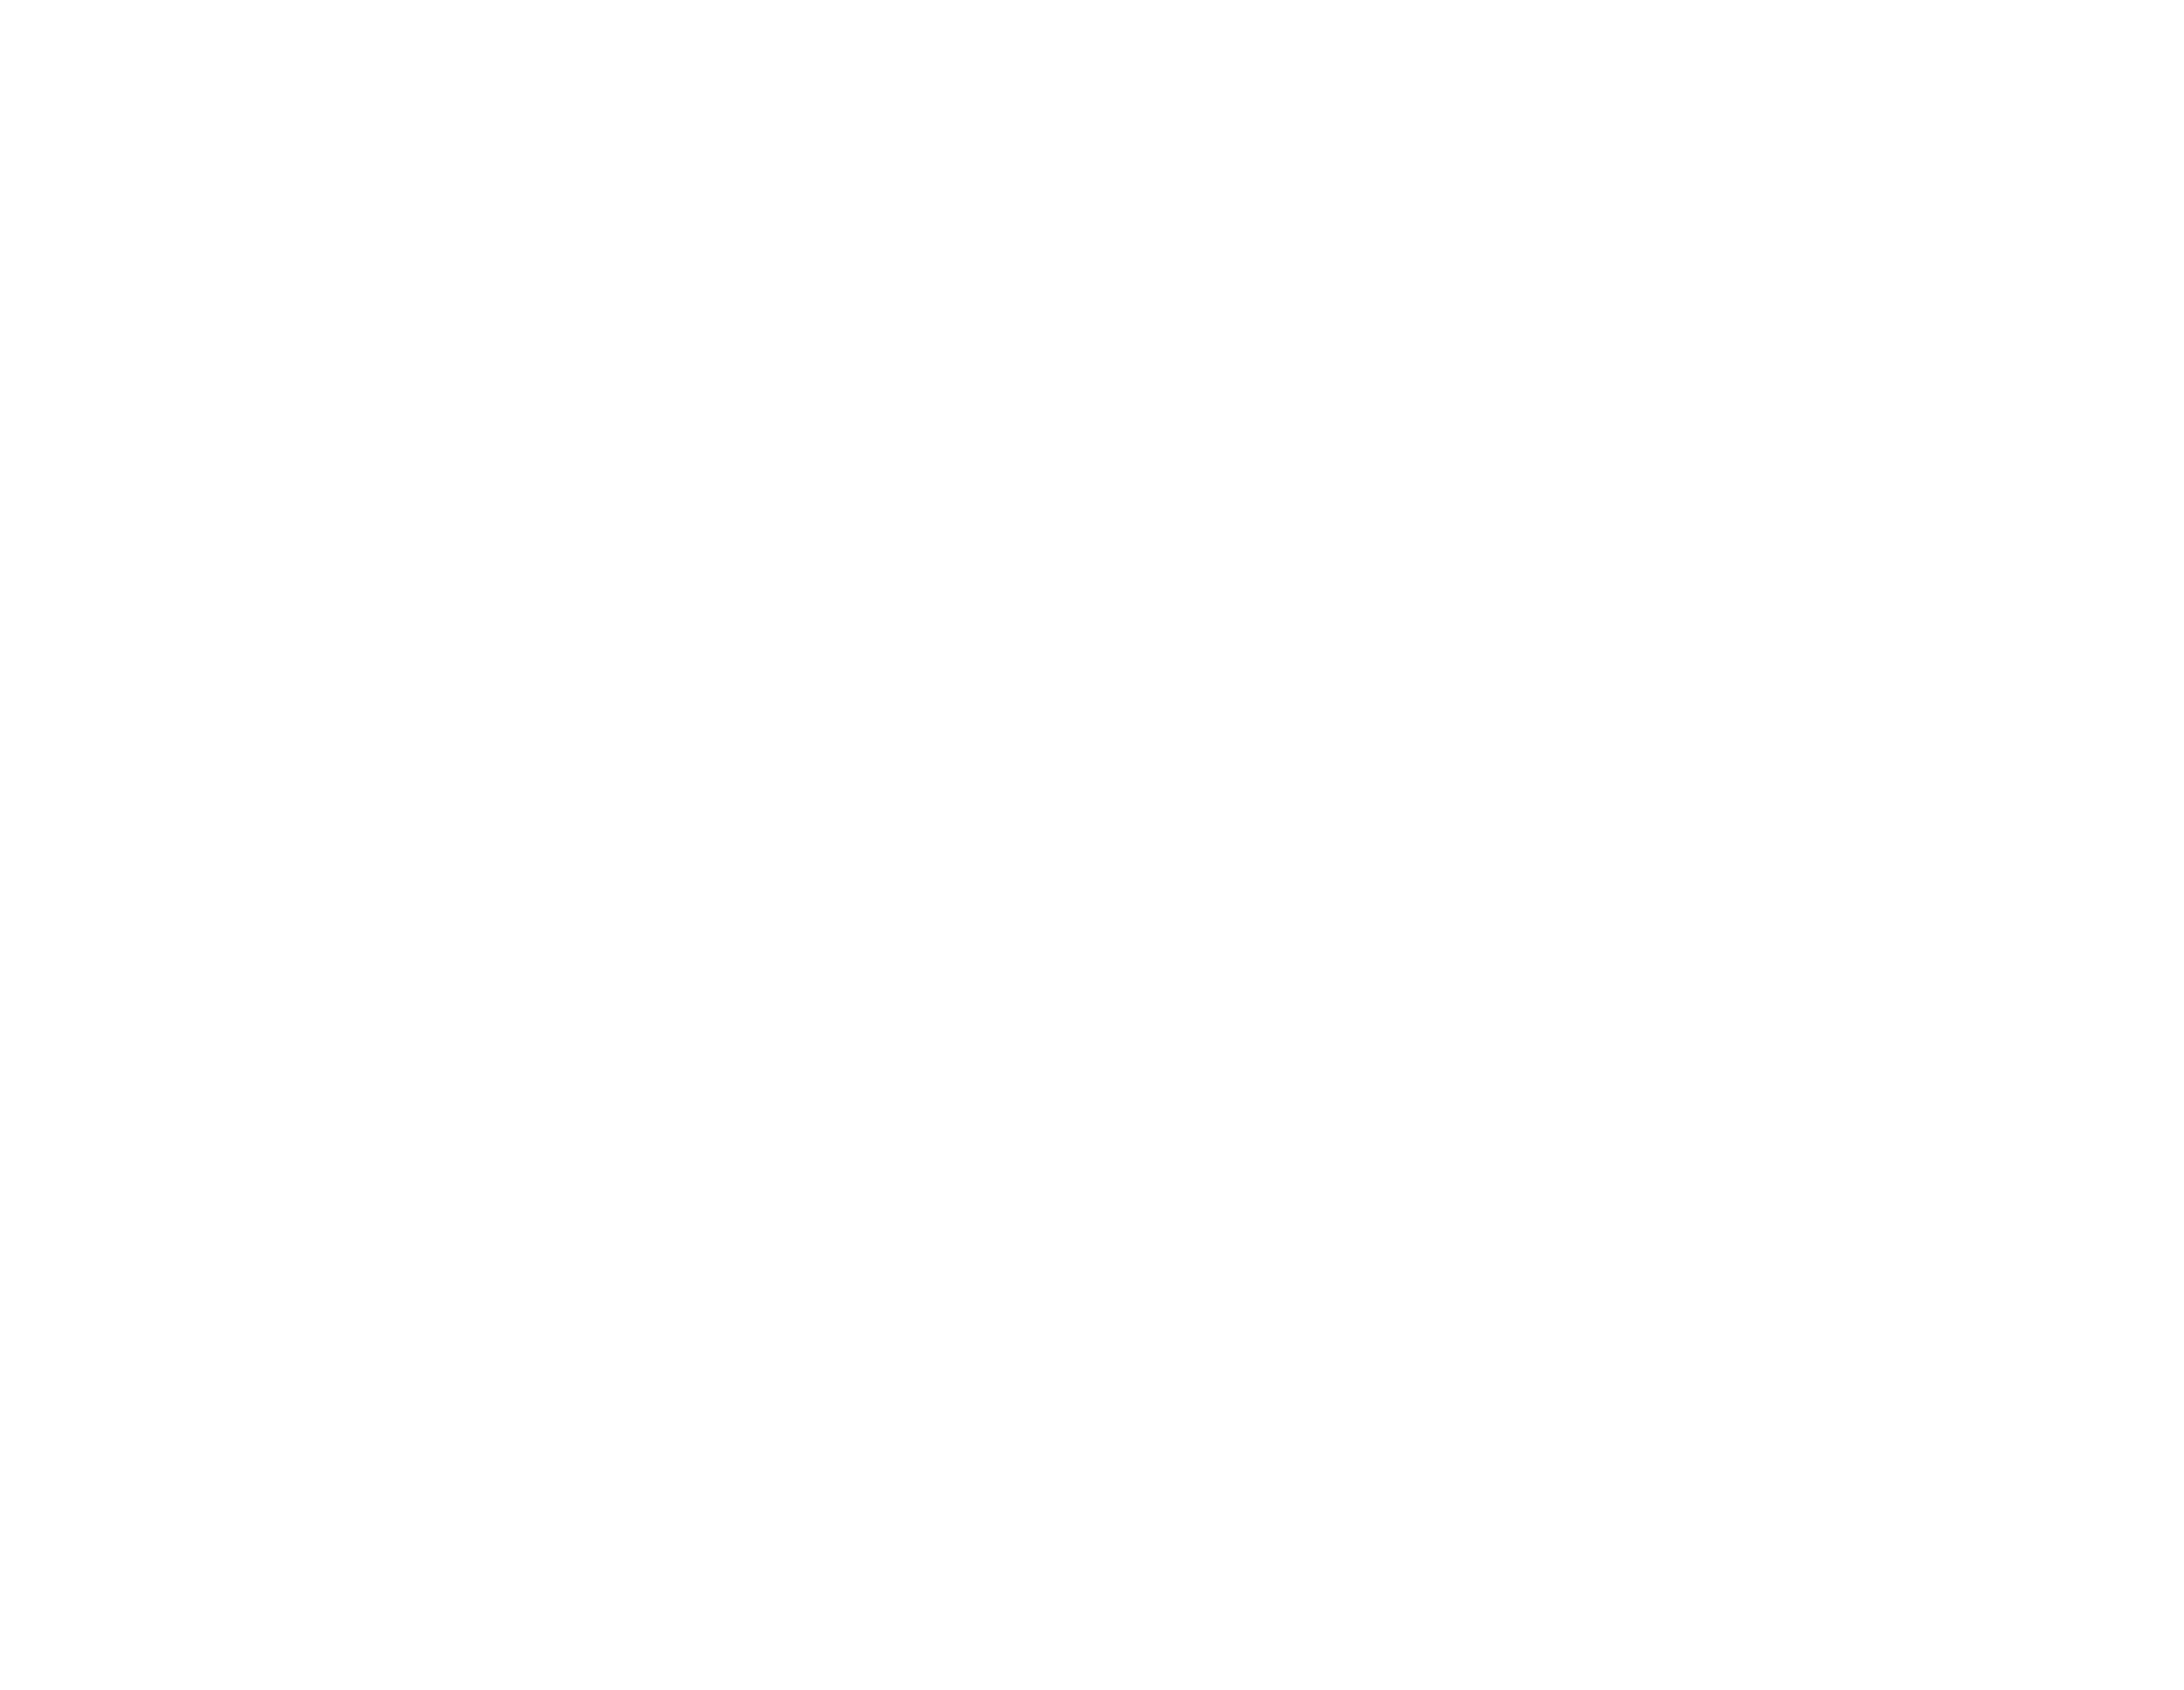 sportfreunde-ruegen03-weiss